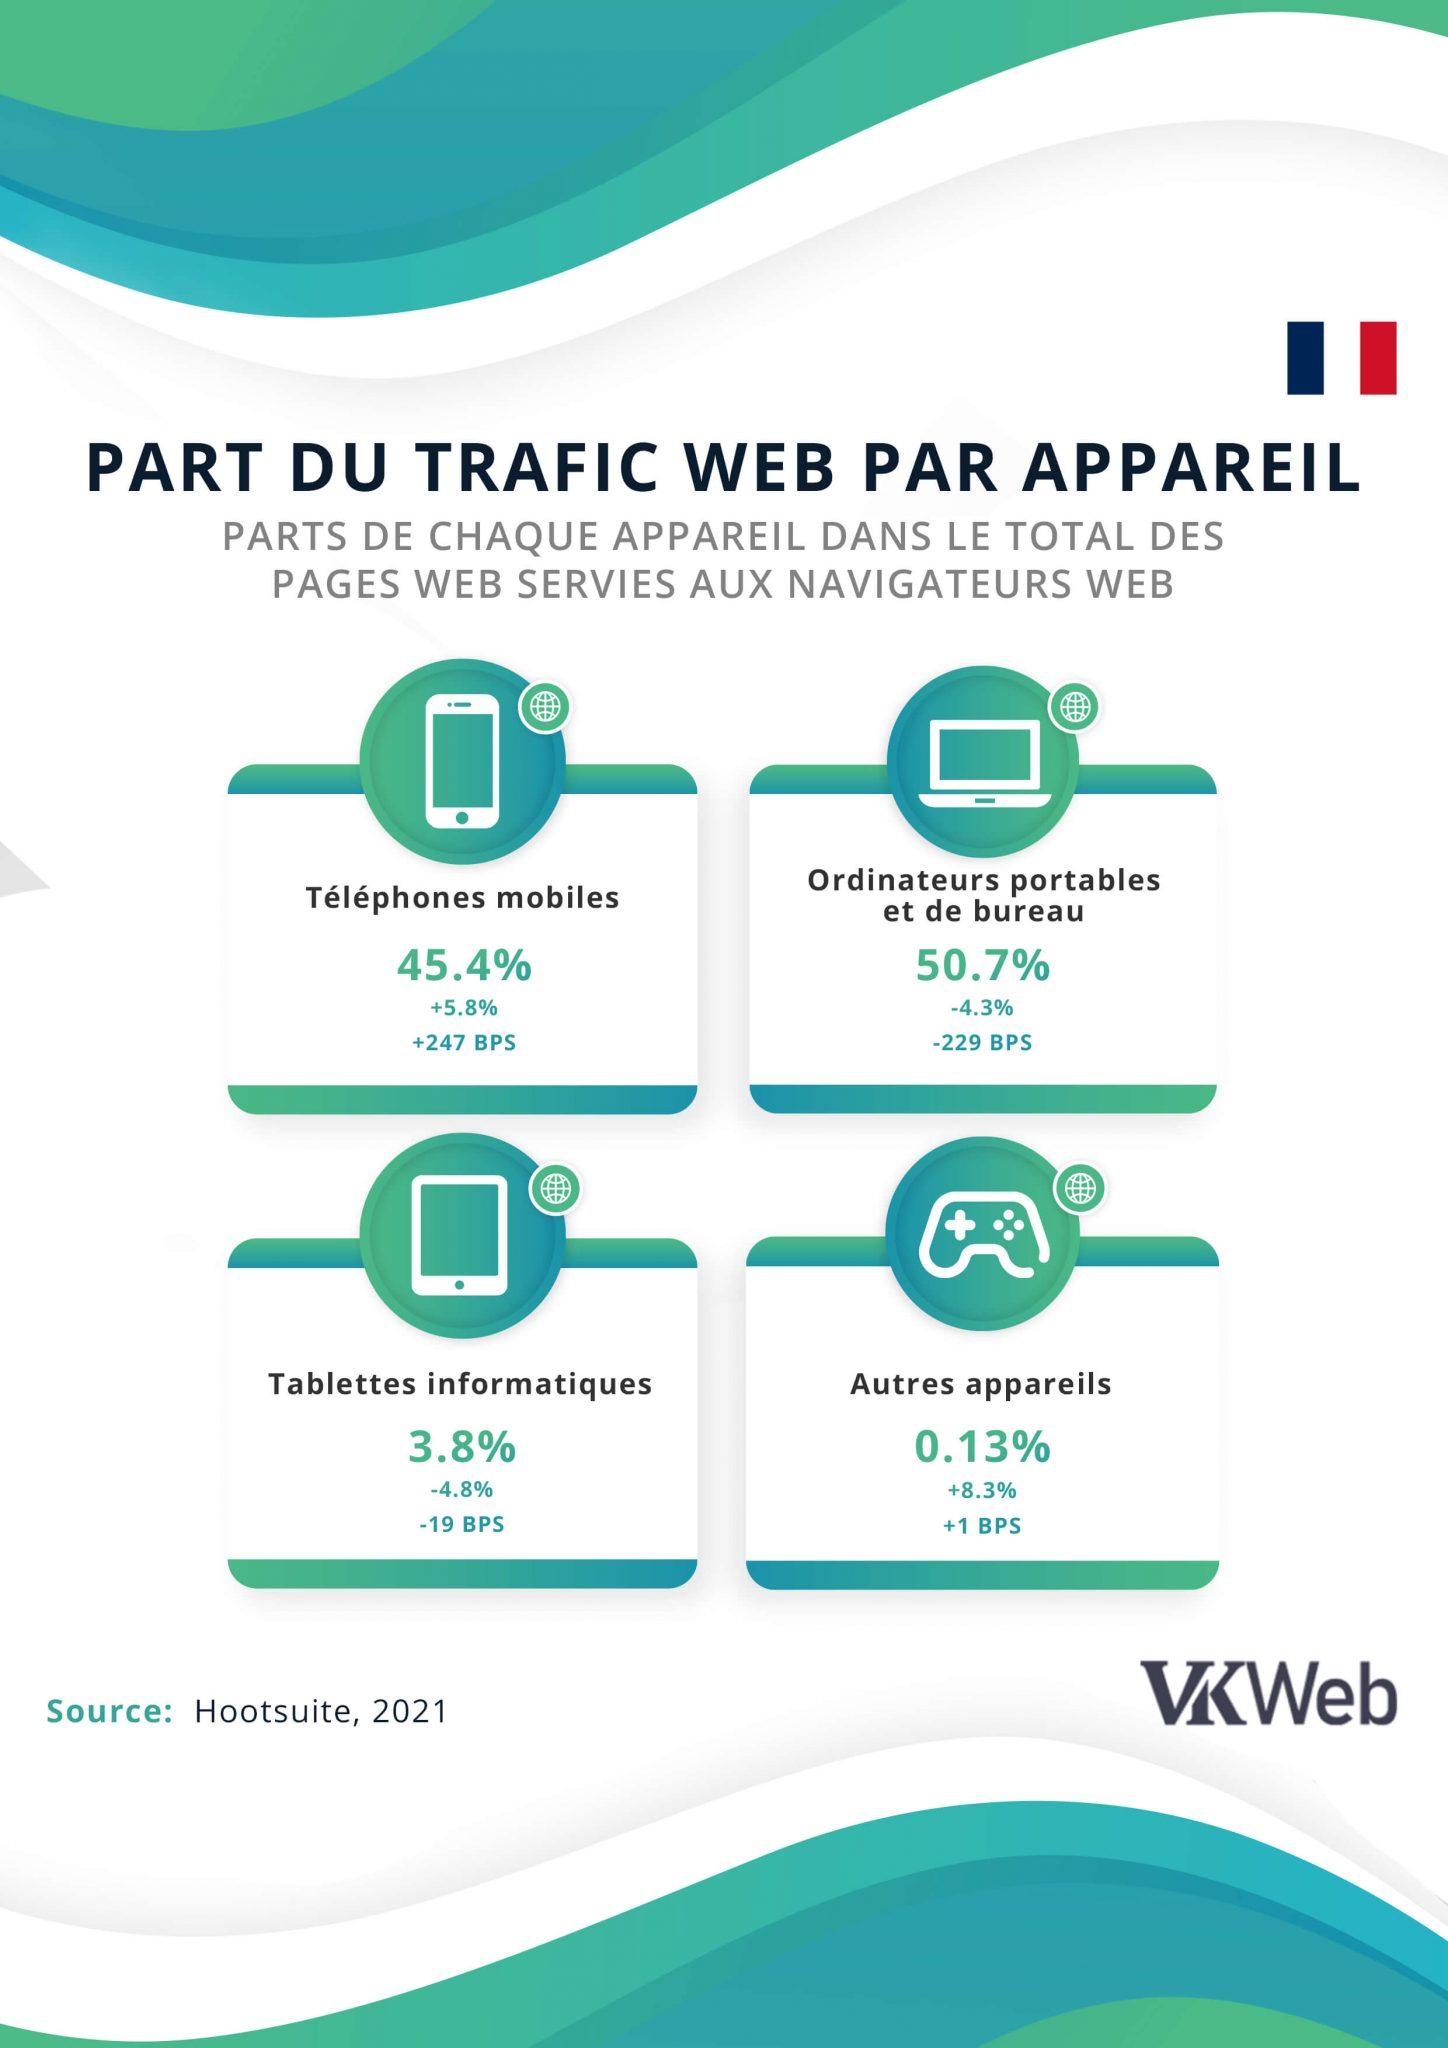 Part du trafic web par appareil en France